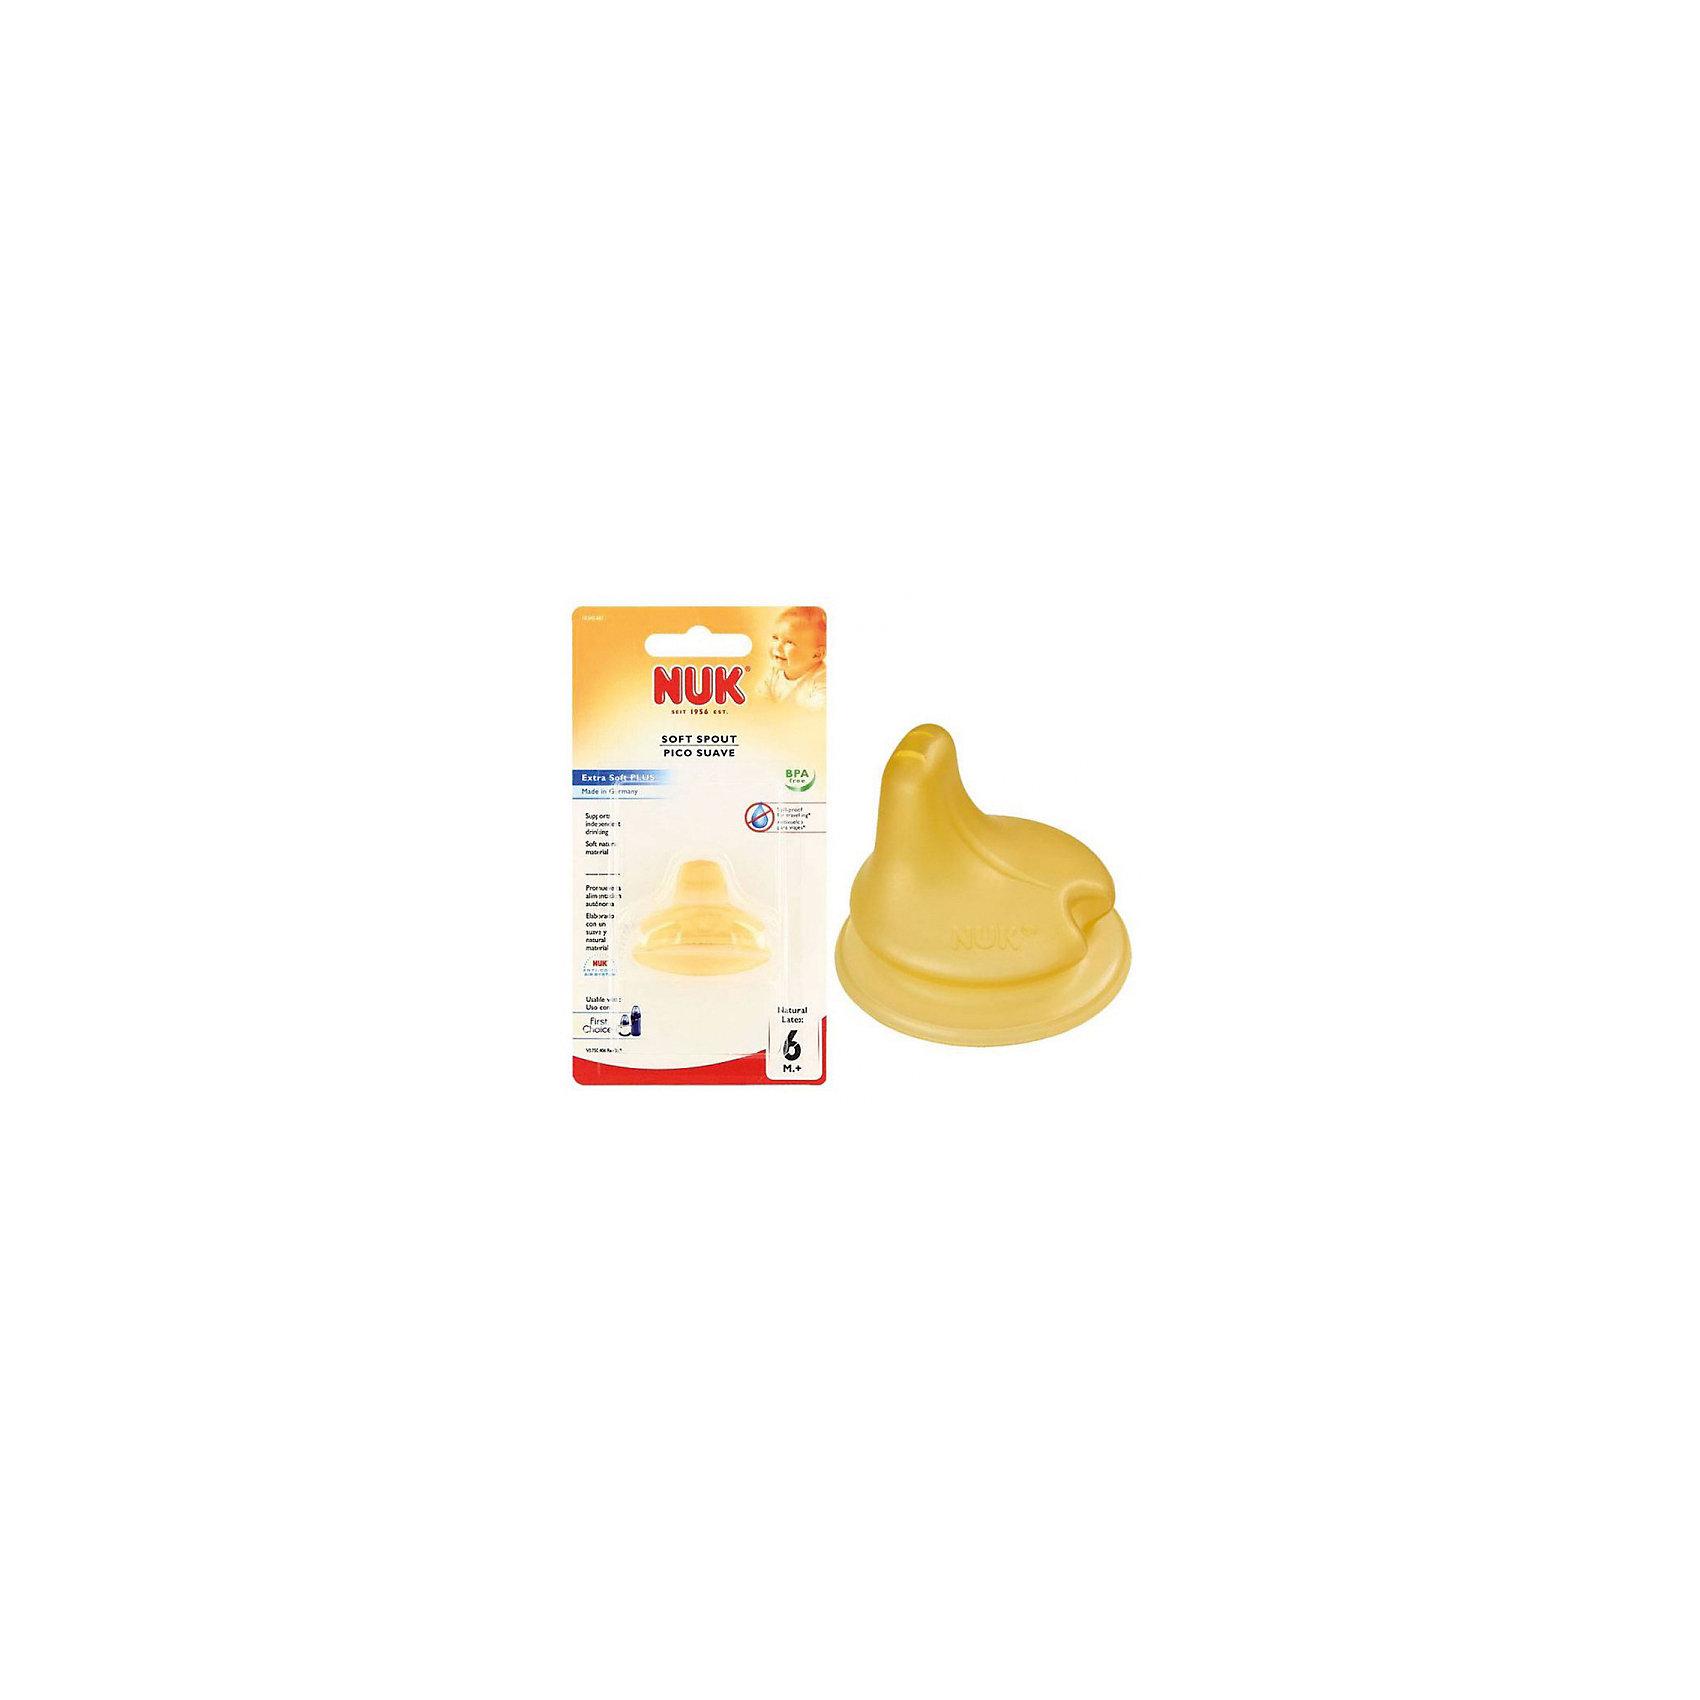 Насадка First Choice для питья латекс, NUKБутылочки и аксессуары<br>Насадка First Choice для питья латекс от известного немецкого производителя высококачественных товаров для новорожденных NUK (Нук). Эта насадка медово-желтого цвета состоит из натурального материала – латекса, что делает соски и насадки выполненные из этого материала мягкими и теплыми на ощупь. Латексные насадки одни из самых прочных насадок и отлично подходят деткам, у которых уже есть зубки. В виду натуральности своего происхождения, насадки из латекса имеют слабовыраженный вкус. Специальная защита от проливания этой насадки не позволяет жидкости вылиться, даже если перевернуть бутылку или поильник. Насадка подойдет ко всем продуктам серии NUK First Choice и Easy Learning объемом 220 мл. Превосходное качество и безопасность для вашего малыша.<br><br>Дополнительная информация:<br><br>- Материал: латекс<br>- Диаметр основания: 4,8 см. <br><br>Насадку First Choice для питья латекс, NUK (Нук) можно купить в нашем интернет-магазине.<br>Подробнее:<br>• Для детей в возрасте: от 6 месяцев<br>• Номер товара: 4998402<br>Страна производитель: Германия<br><br>Ширина мм: 92<br>Глубина мм: 40<br>Высота мм: 173<br>Вес г: 25<br>Возраст от месяцев: 6<br>Возраст до месяцев: 2147483647<br>Пол: Унисекс<br>Возраст: Детский<br>SKU: 4998402